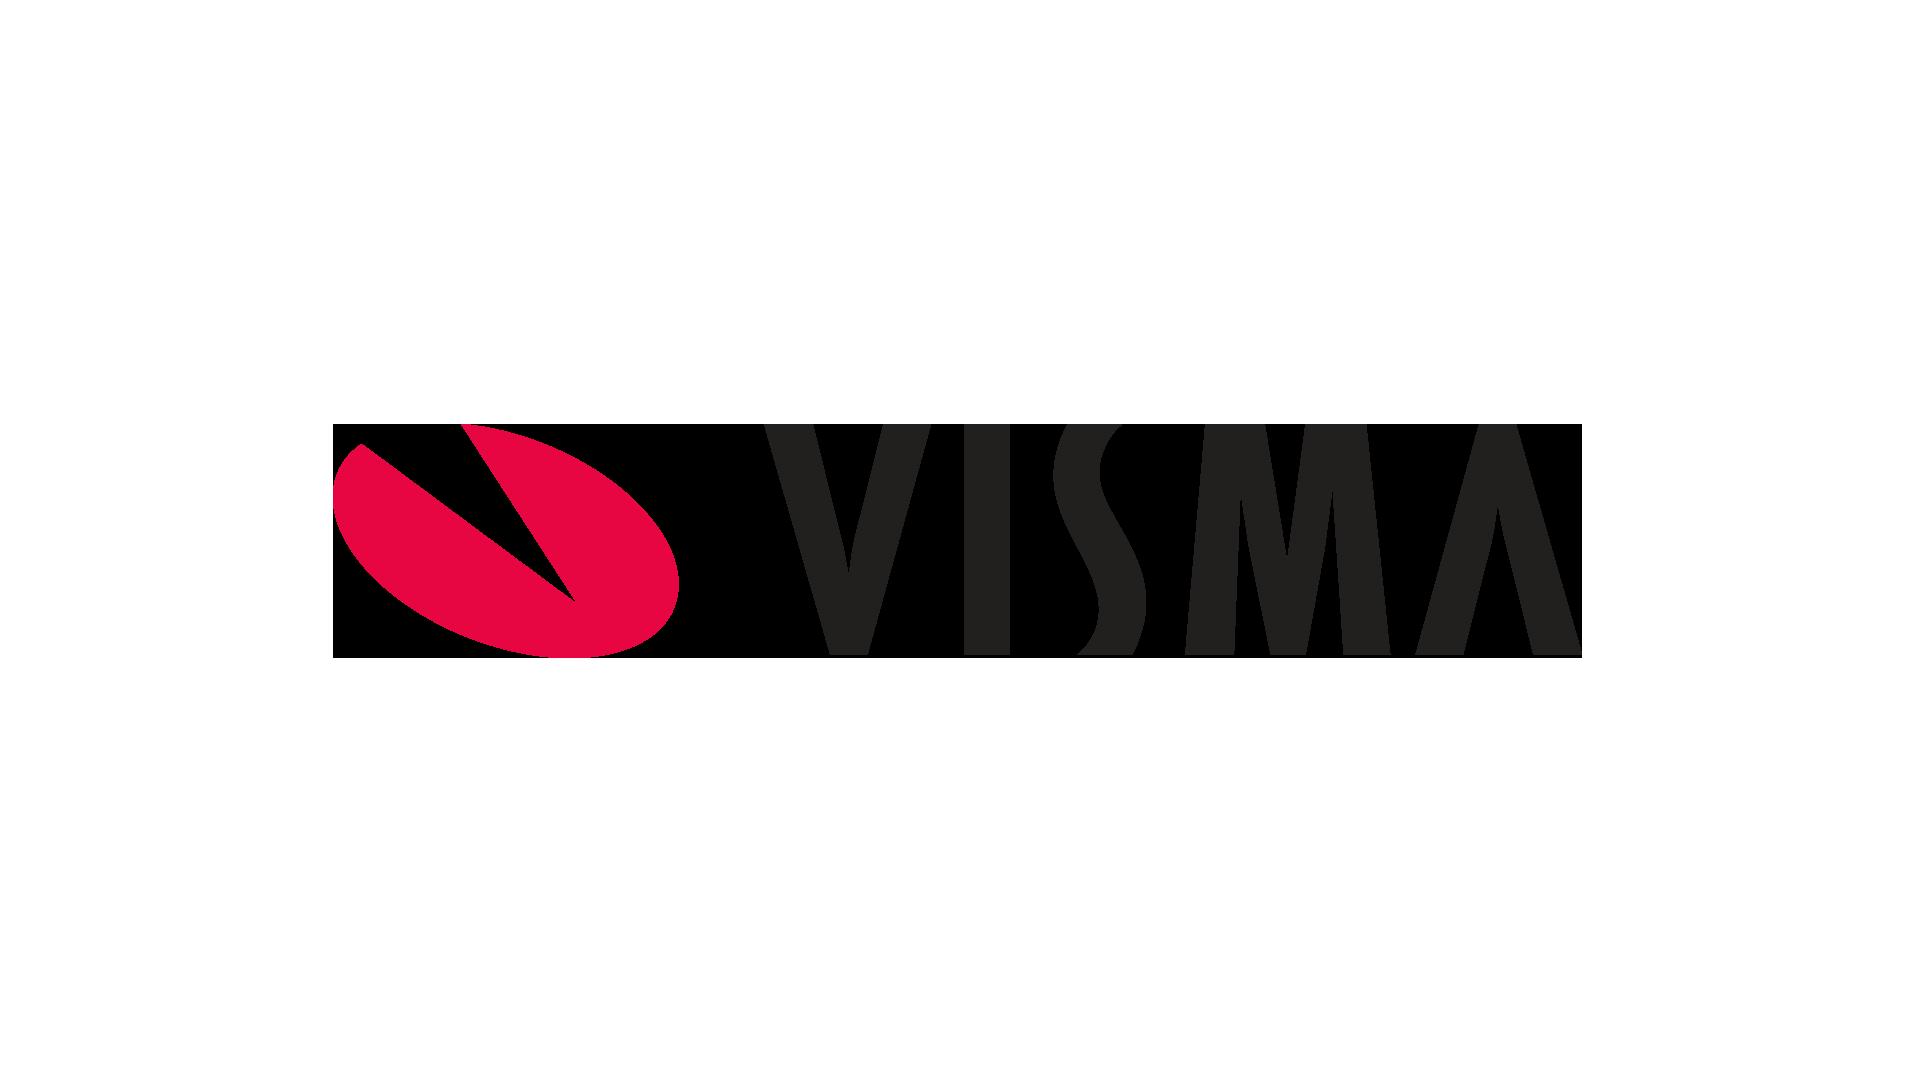 Visma Connect